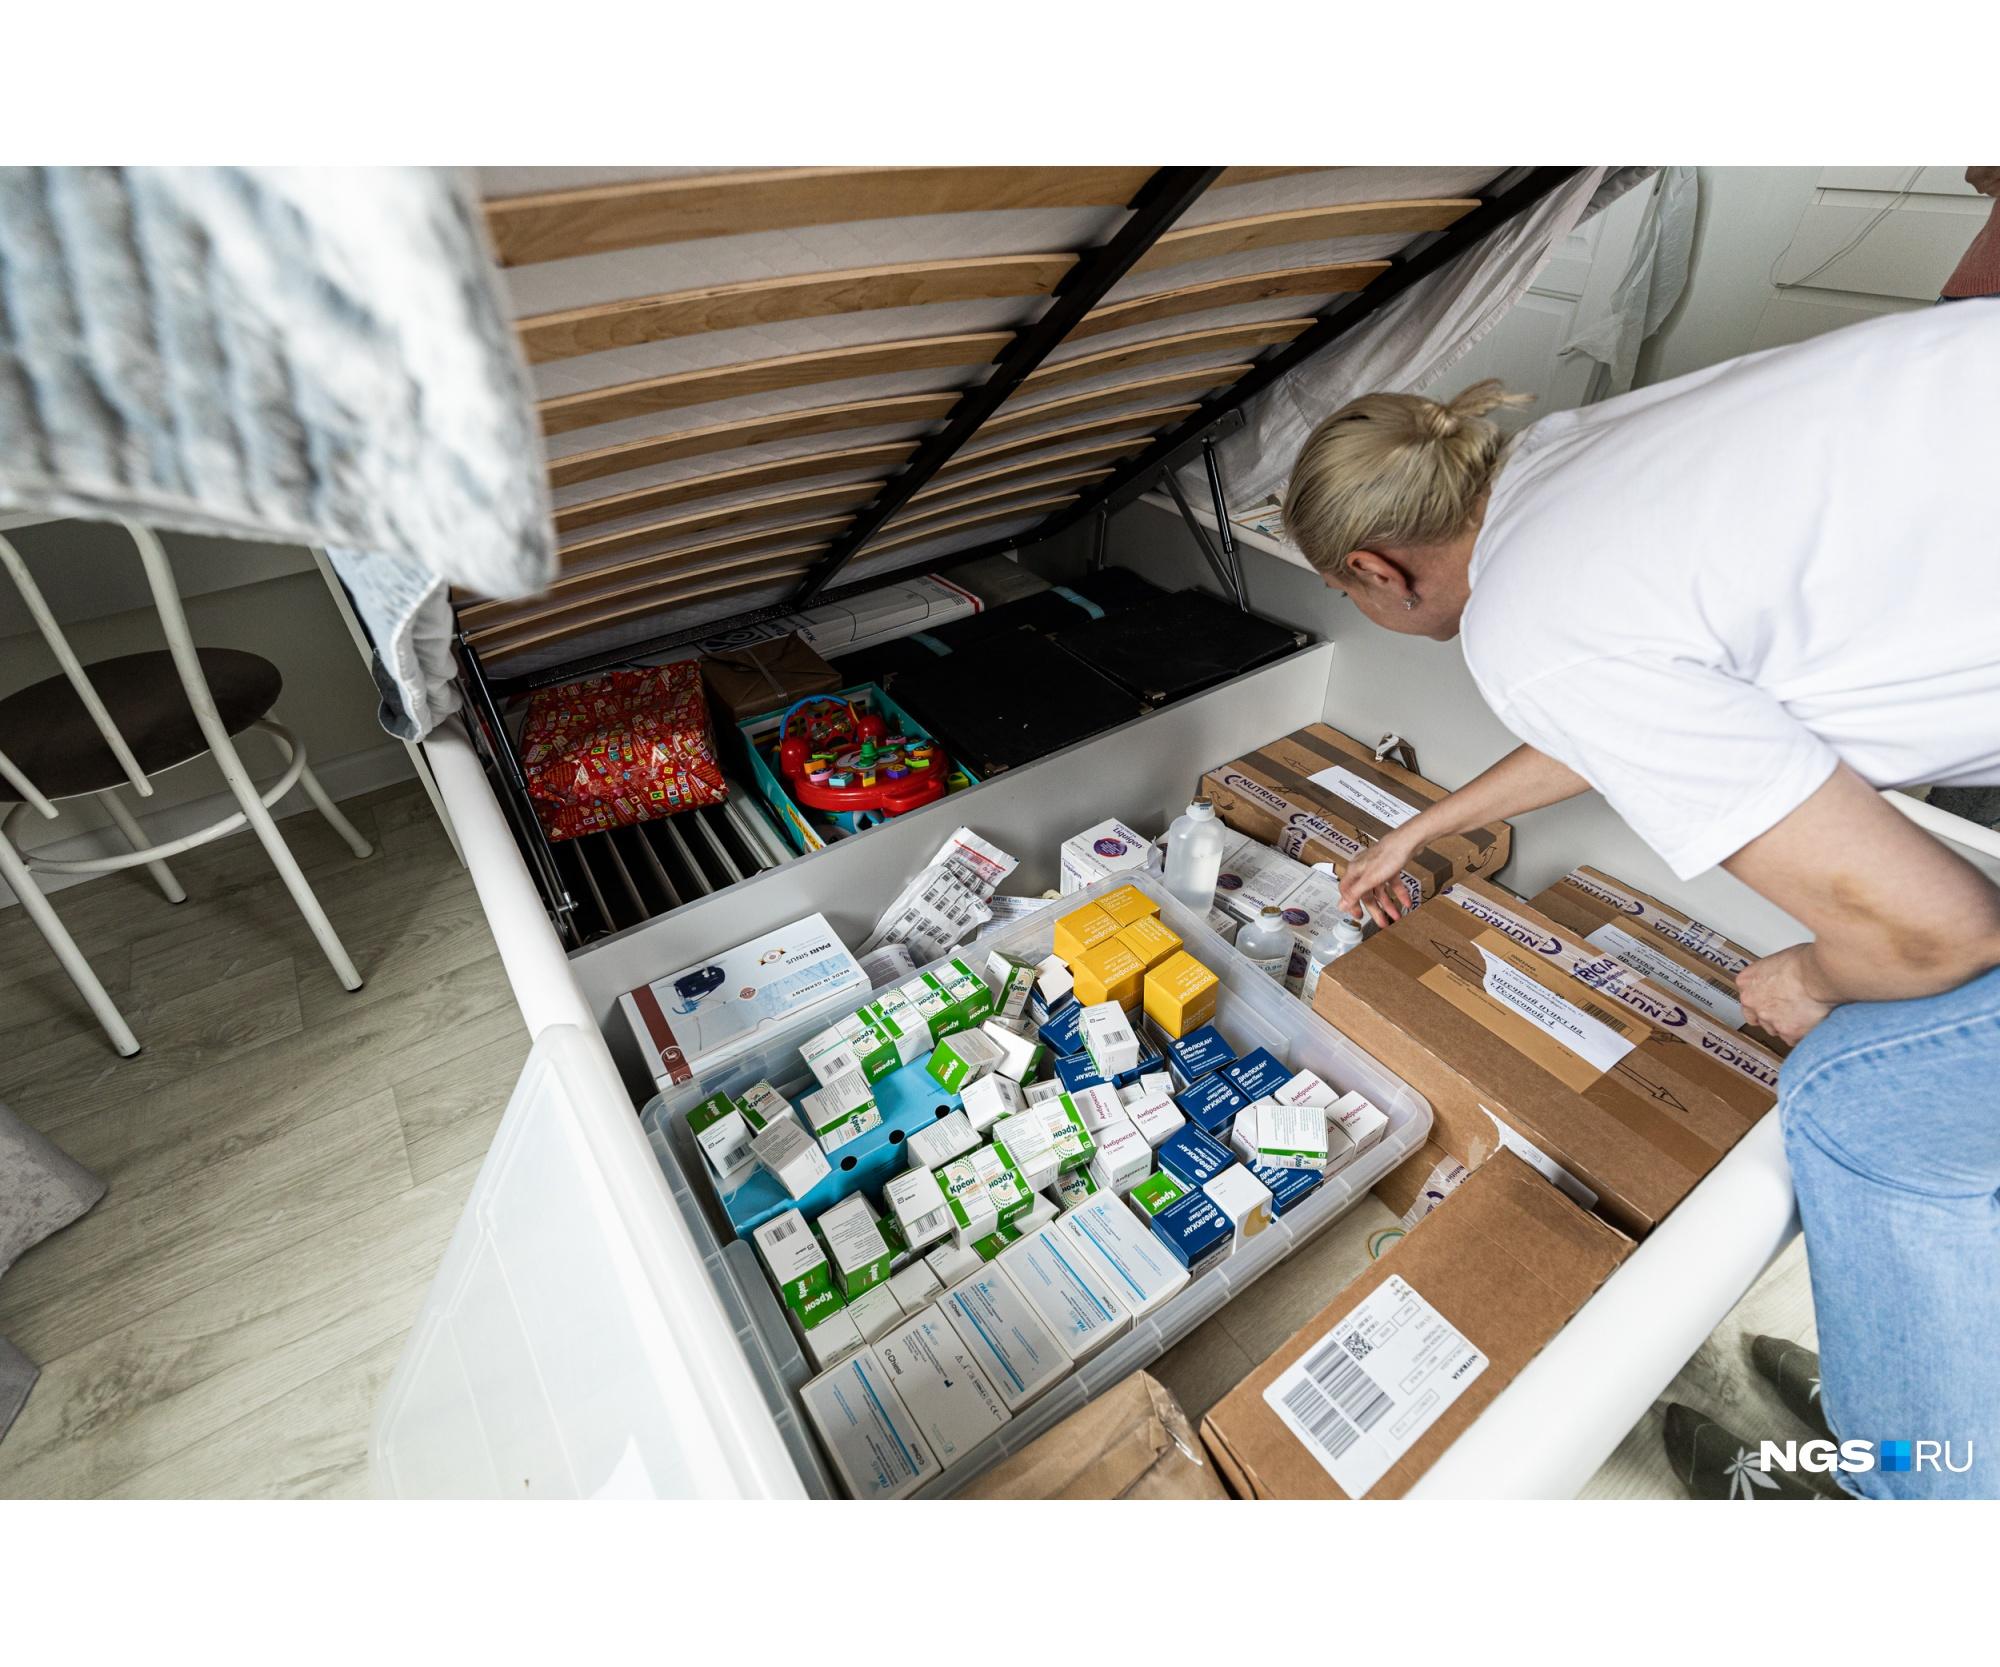 Коробки с препаратами хранятся даже в ящике под кроватью